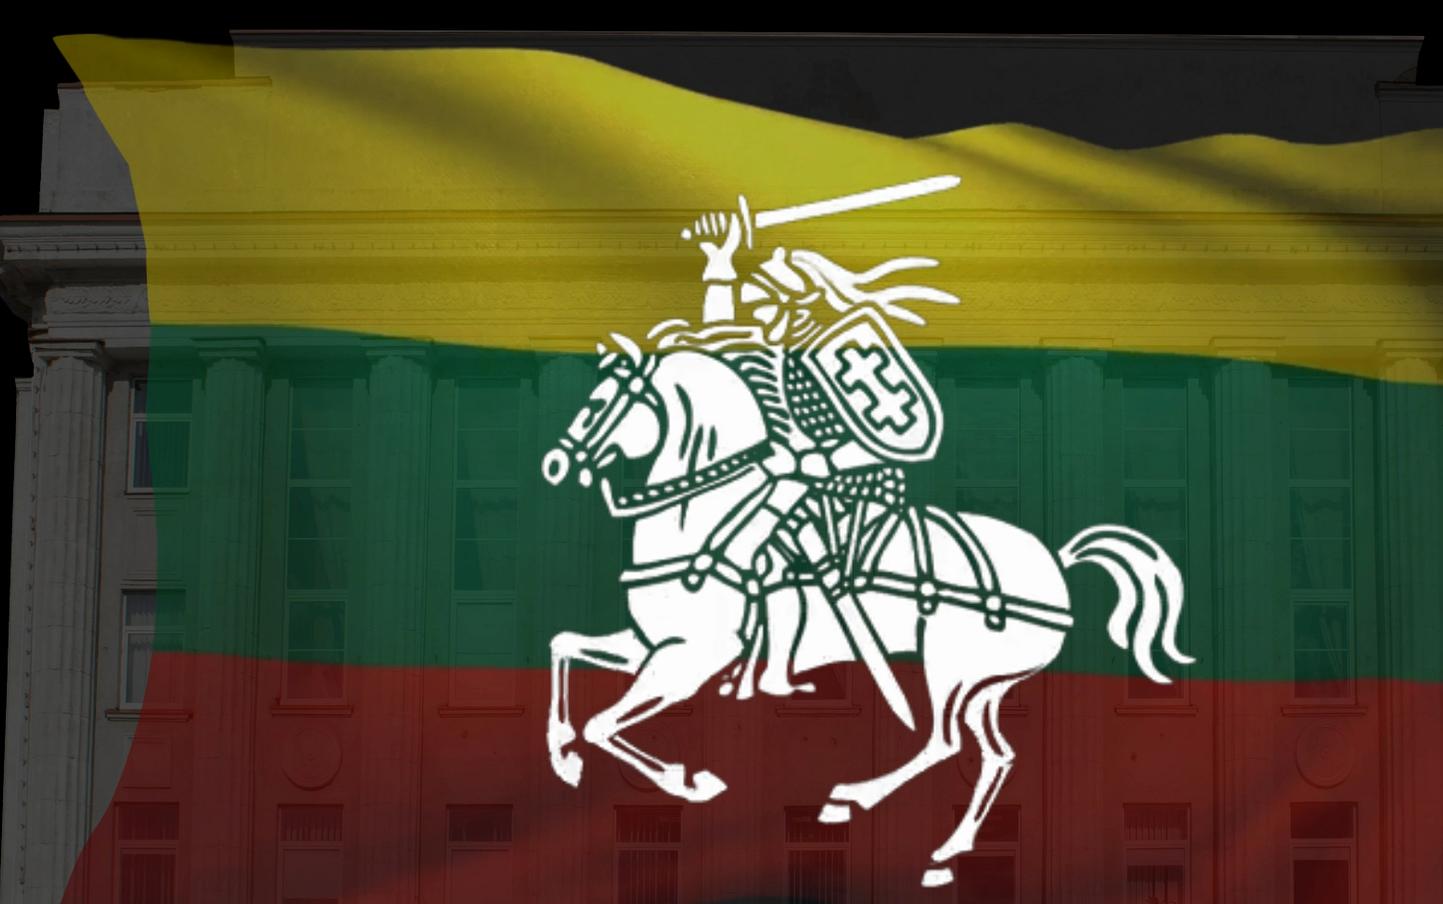 Šiaulių valstybinė kolegija kviečia kartu švęsti Lietuvos valstybės atkūrimo šimtmetį